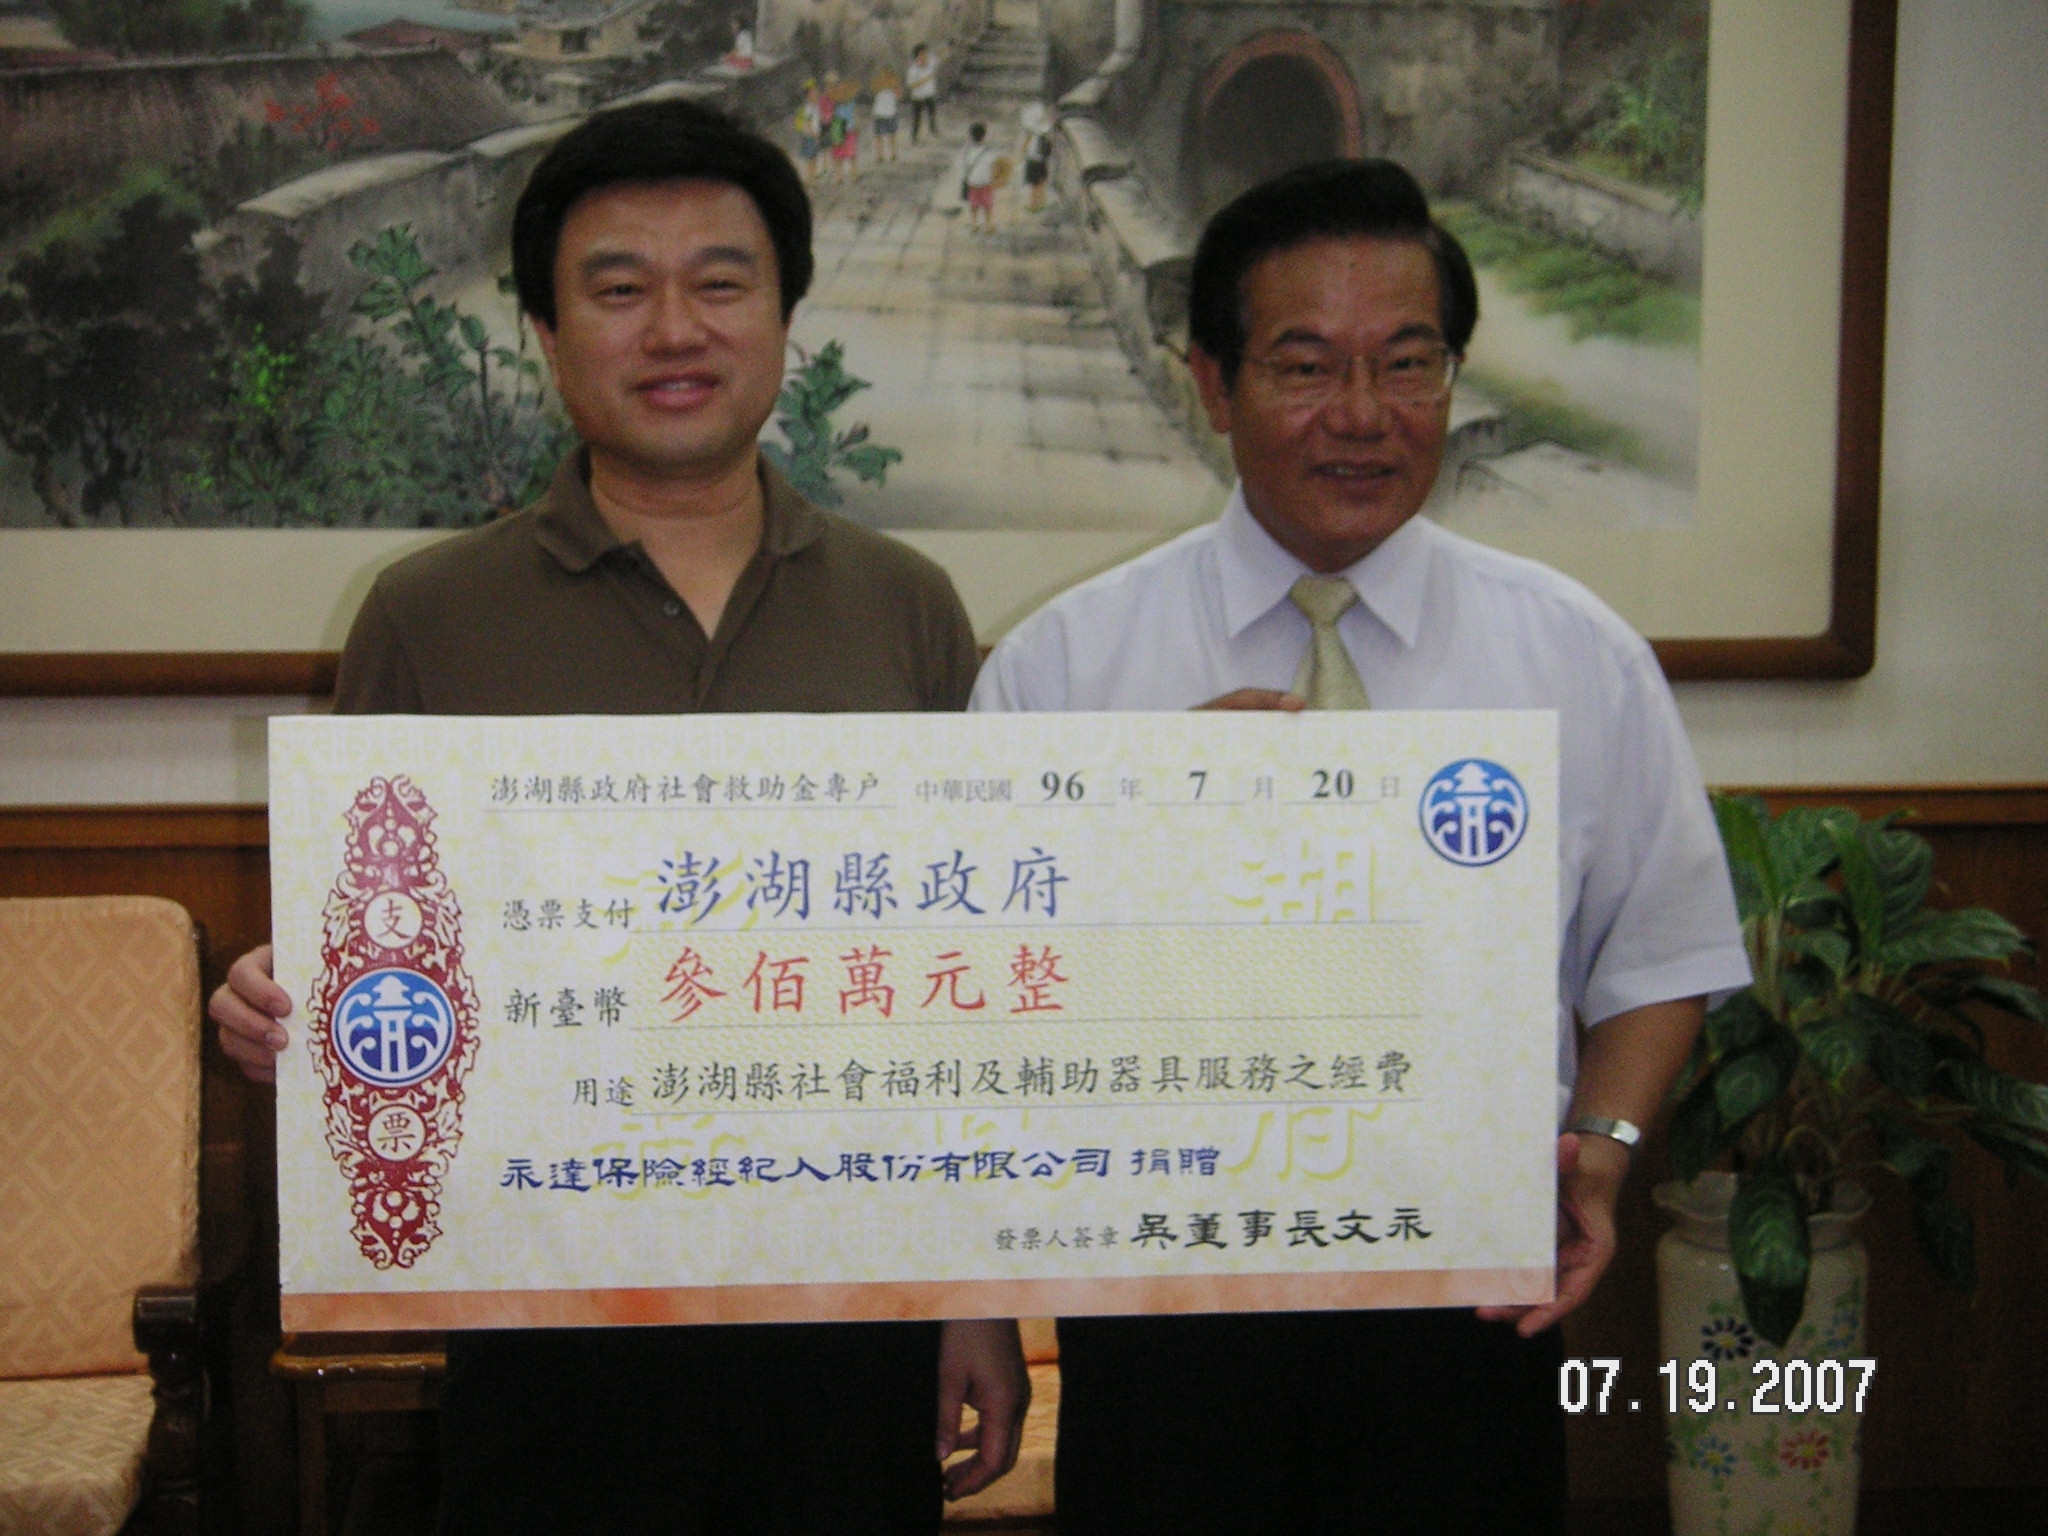 捐贈澎湖縣政府輔助器具經費300萬元--支票頒贈。